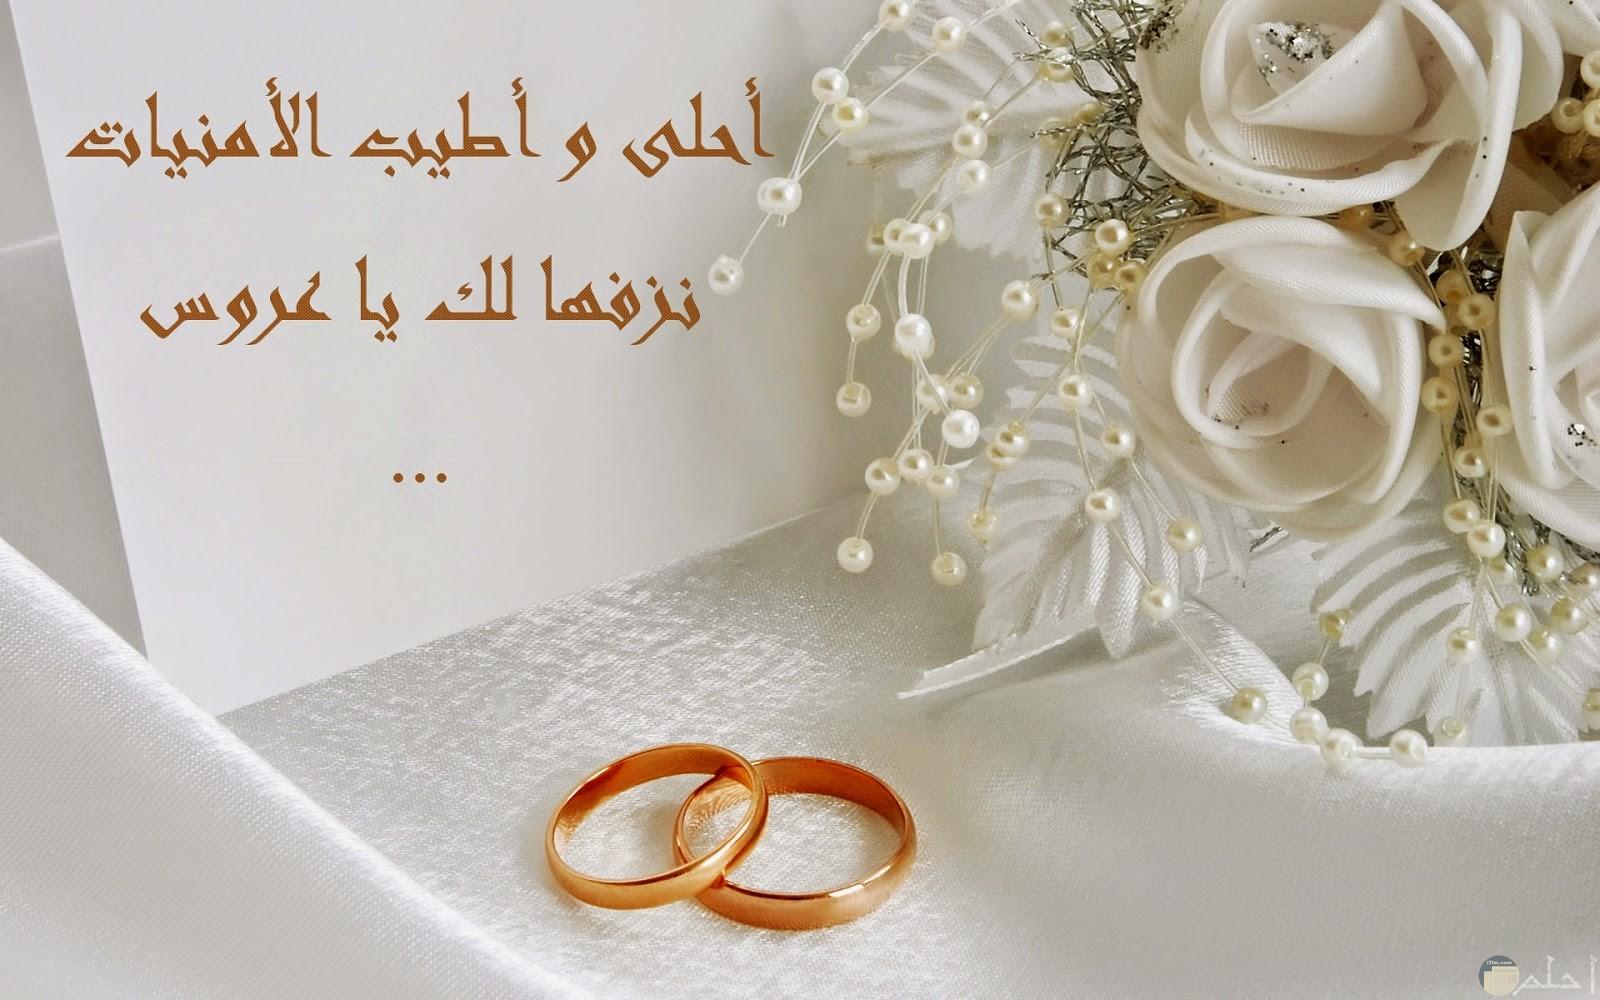 اطيب الامنيات للعروس